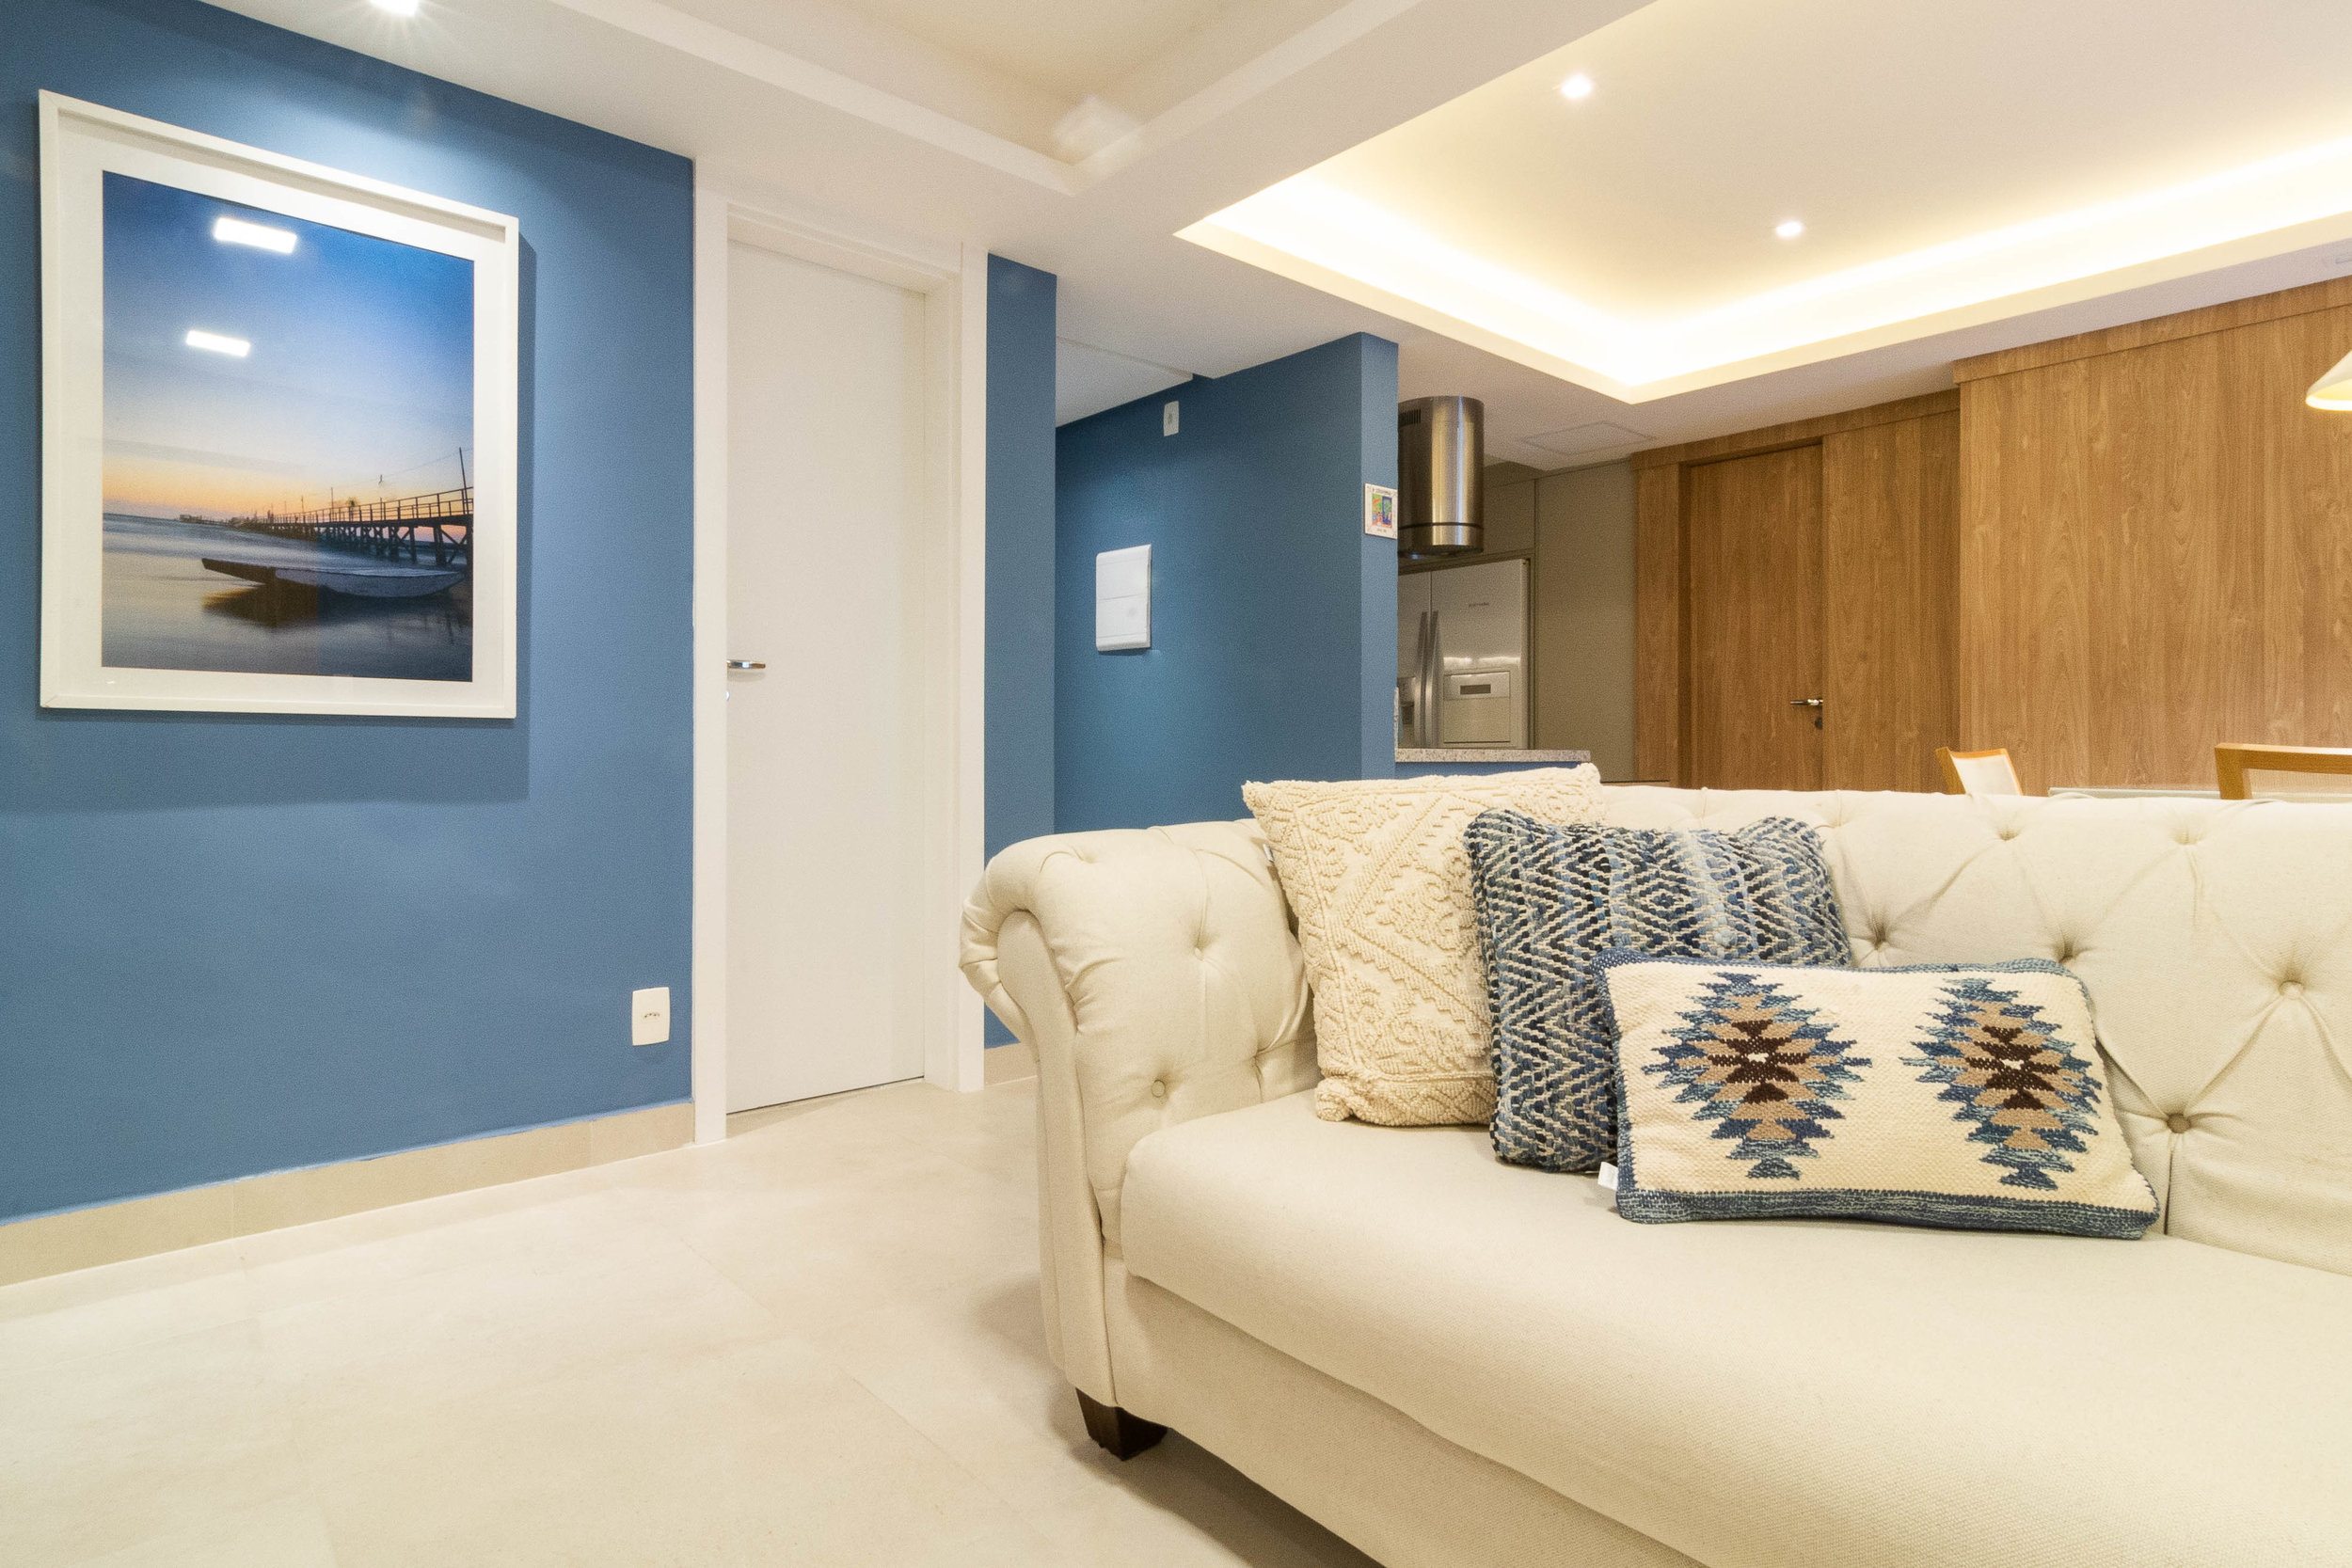 projeto-arquitetonico-luciananilton-duo-arquitetura-apartamentos-praia-07.jpg